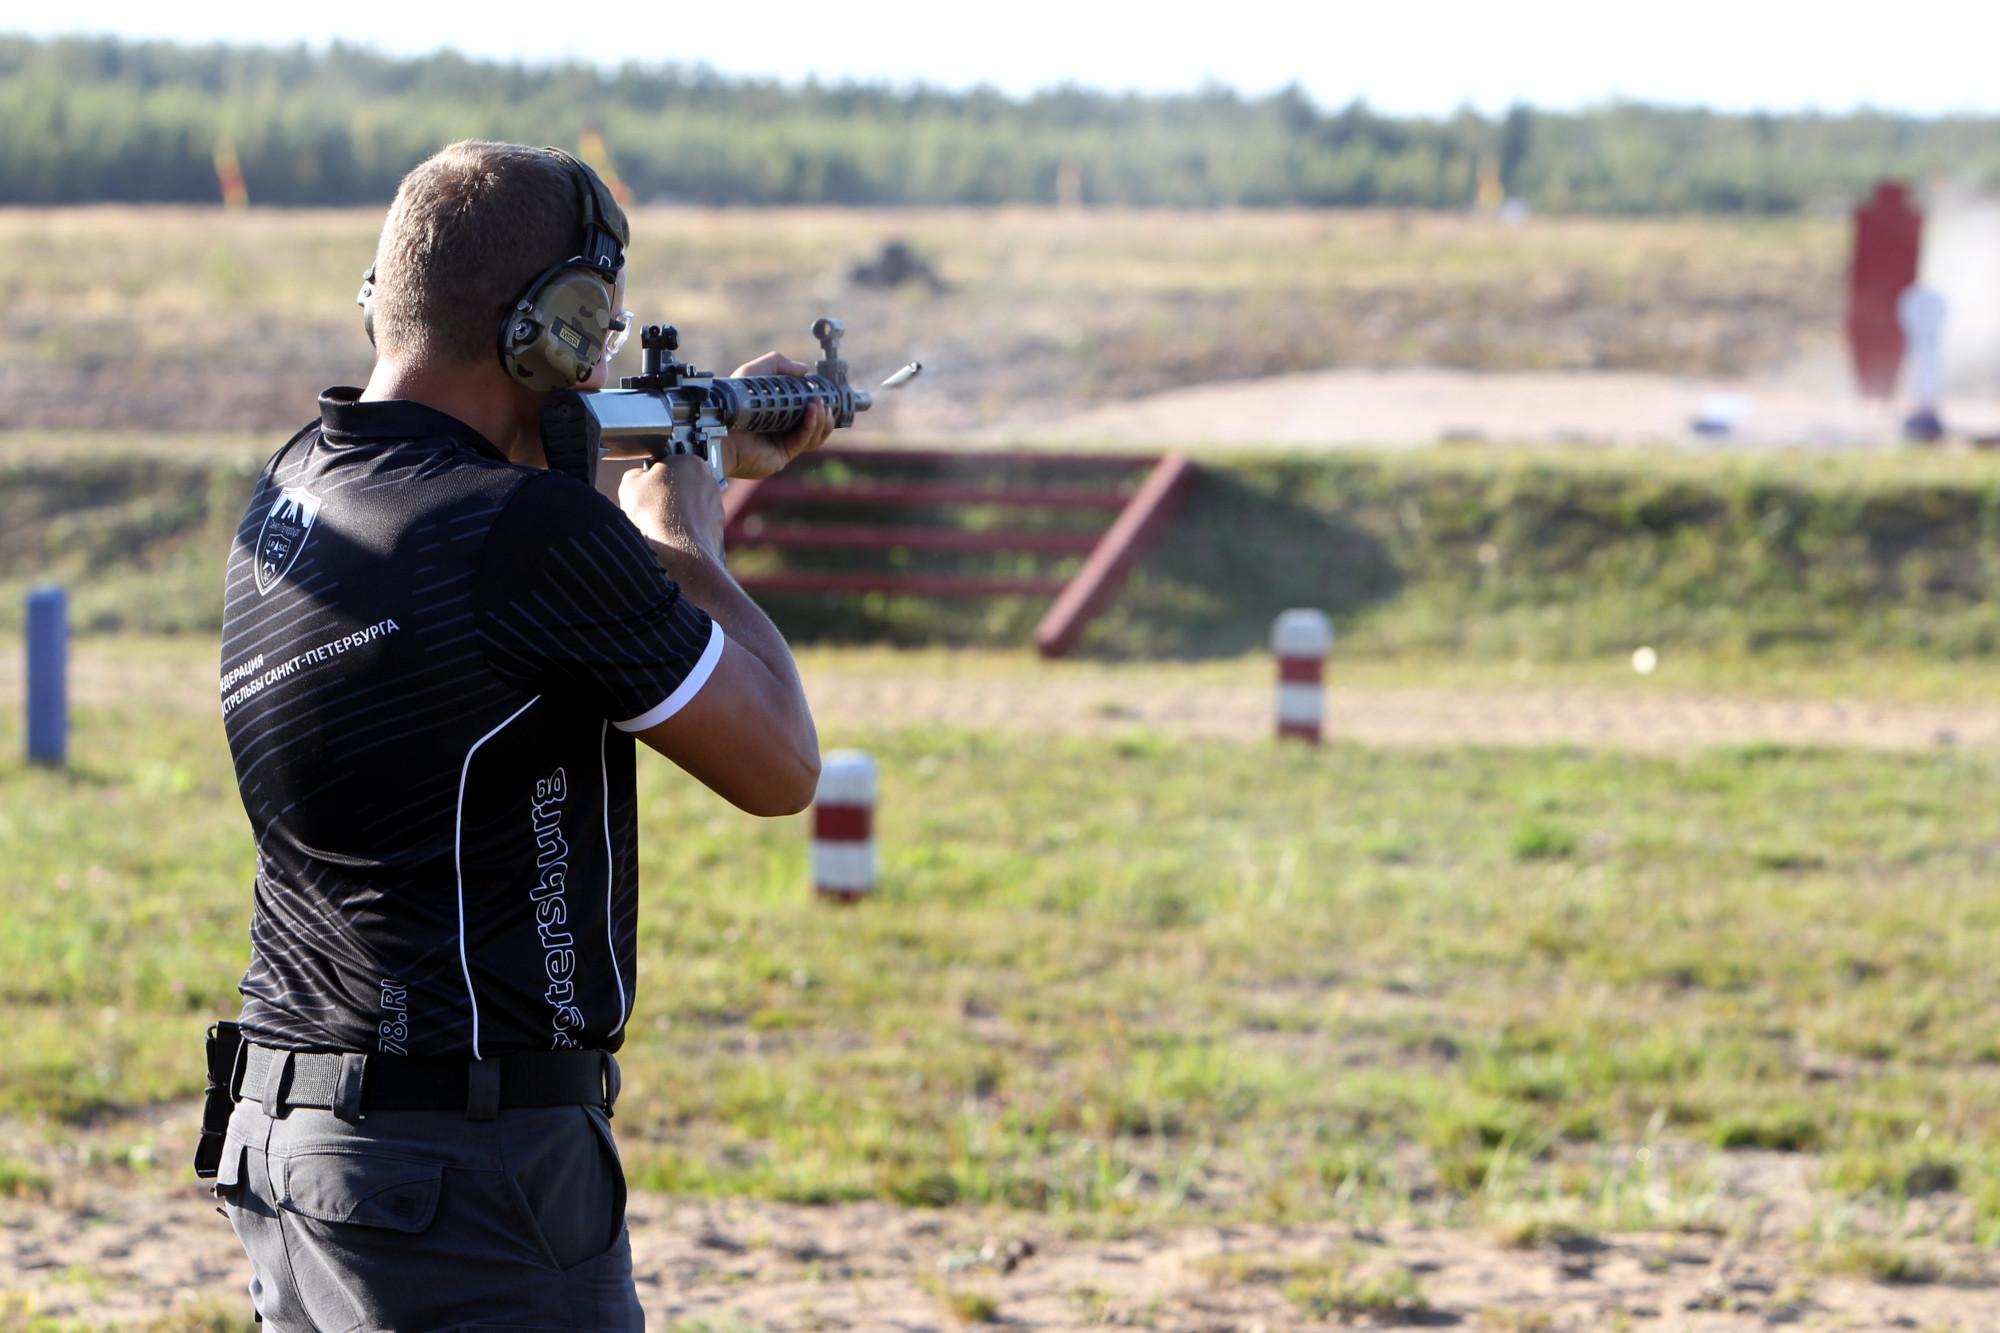 стрельба из карабина, стрелковый спорт